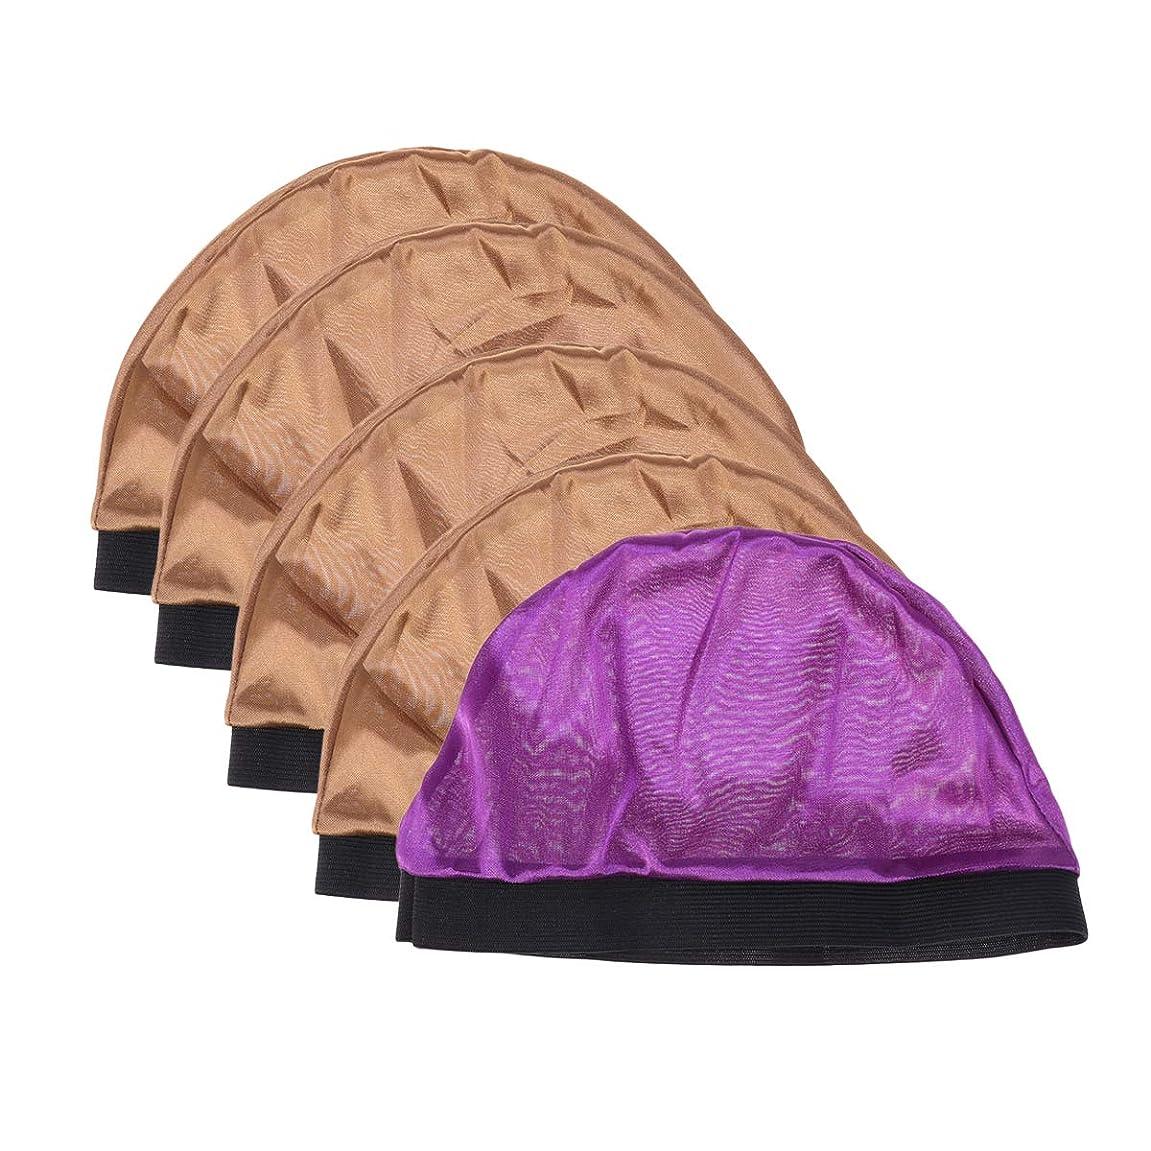 水を飲む眉をひそめる骨折Healifty 5ピースワイド弾性かつらライナーかつらターバンヘアキャップ帽子化学療法がん脱毛睡眠(カーキ色と紫色)